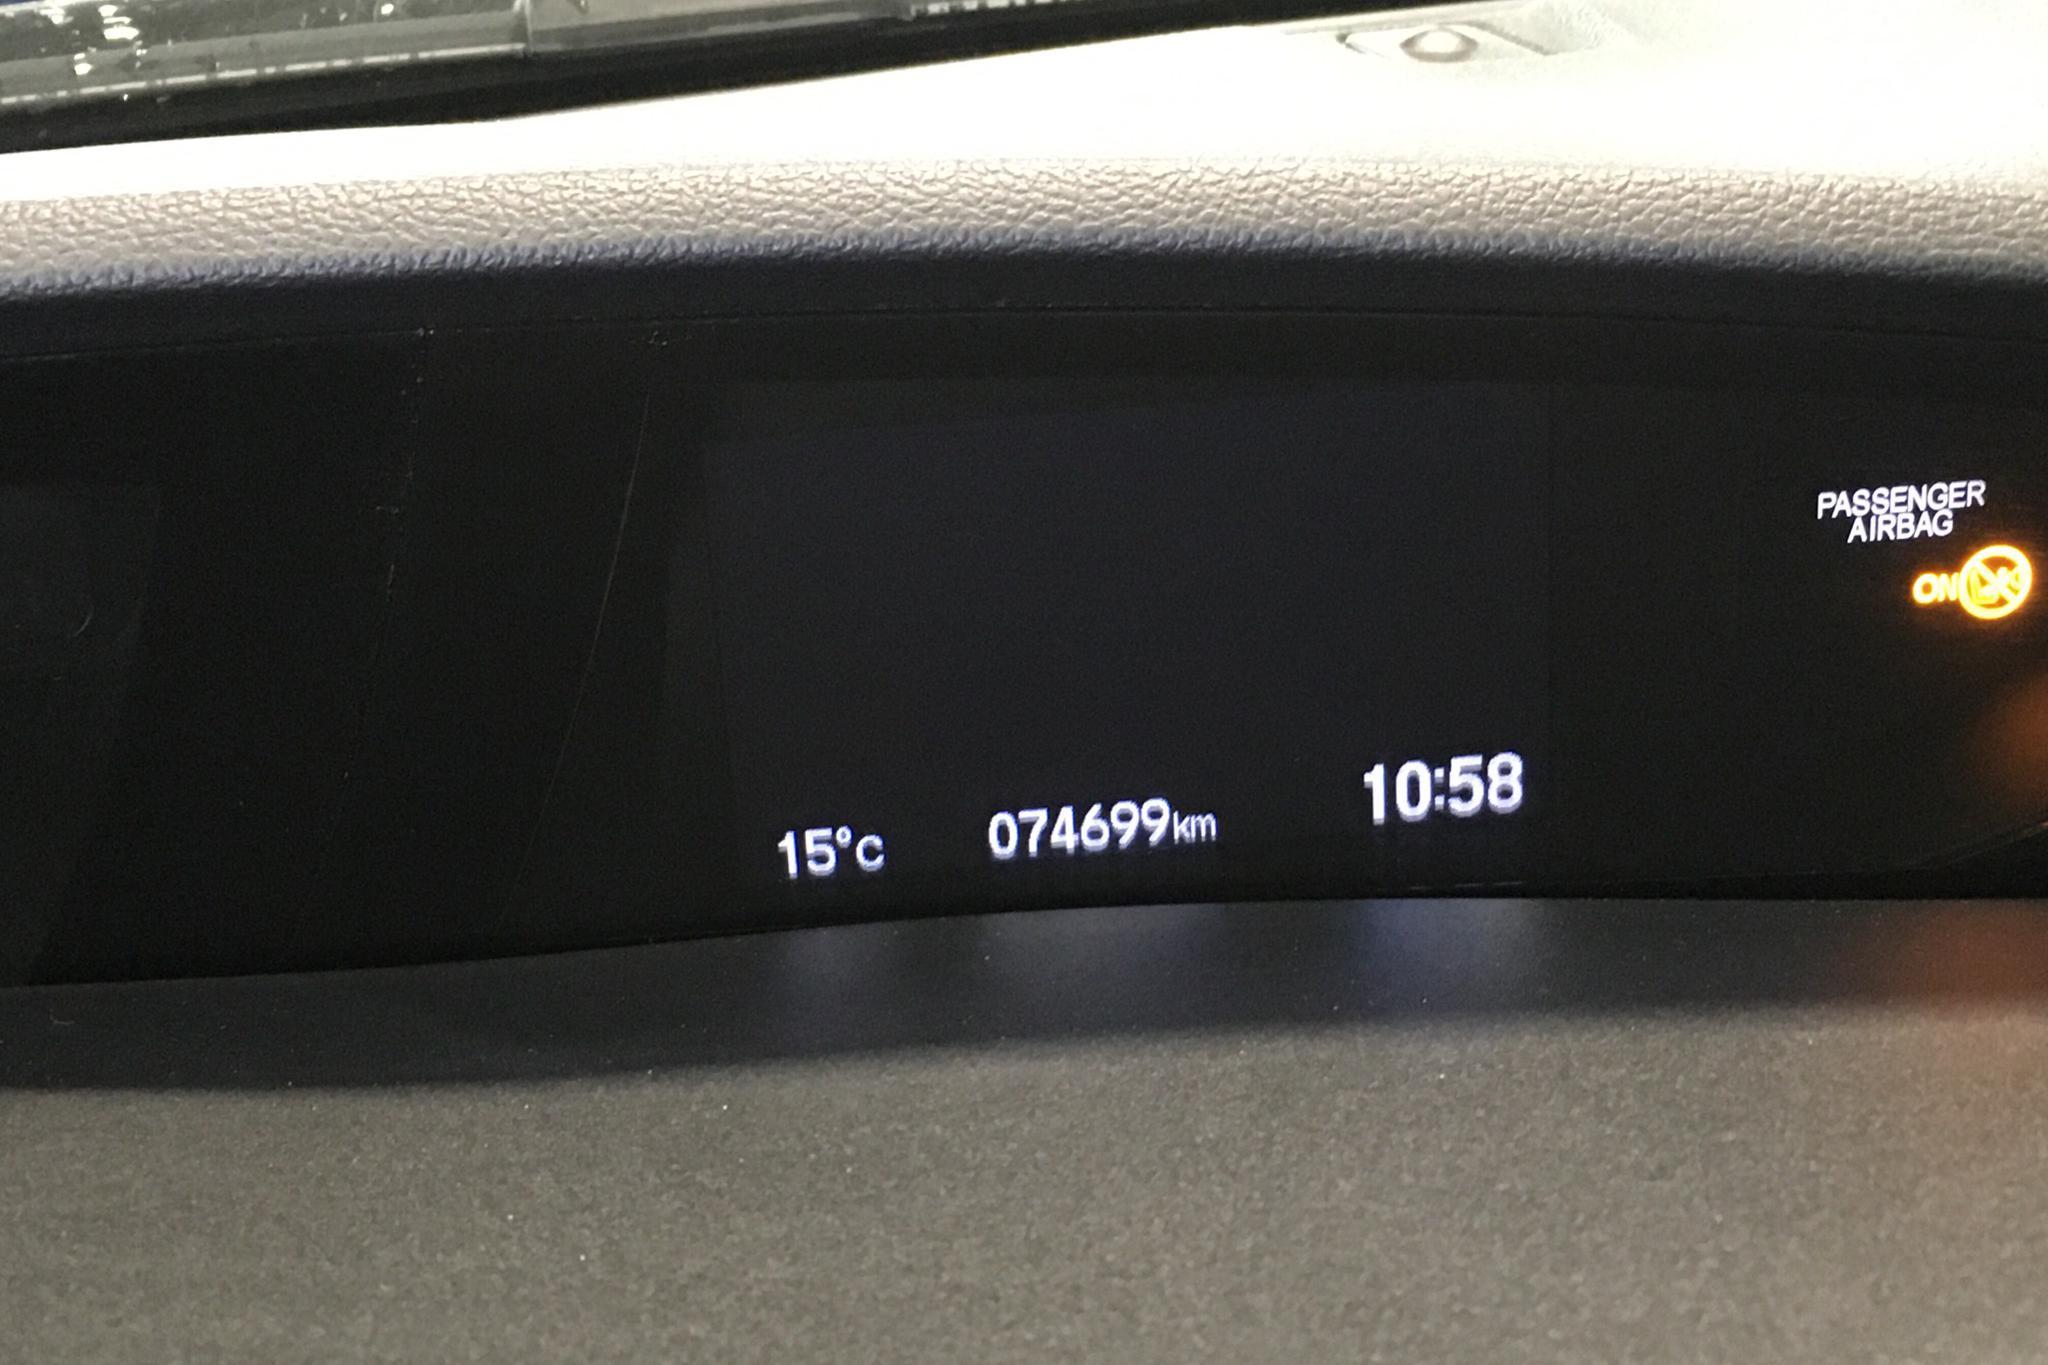 Honda Civic Type R (311hk) - 7 469 mil - Manuell - svart - 2015